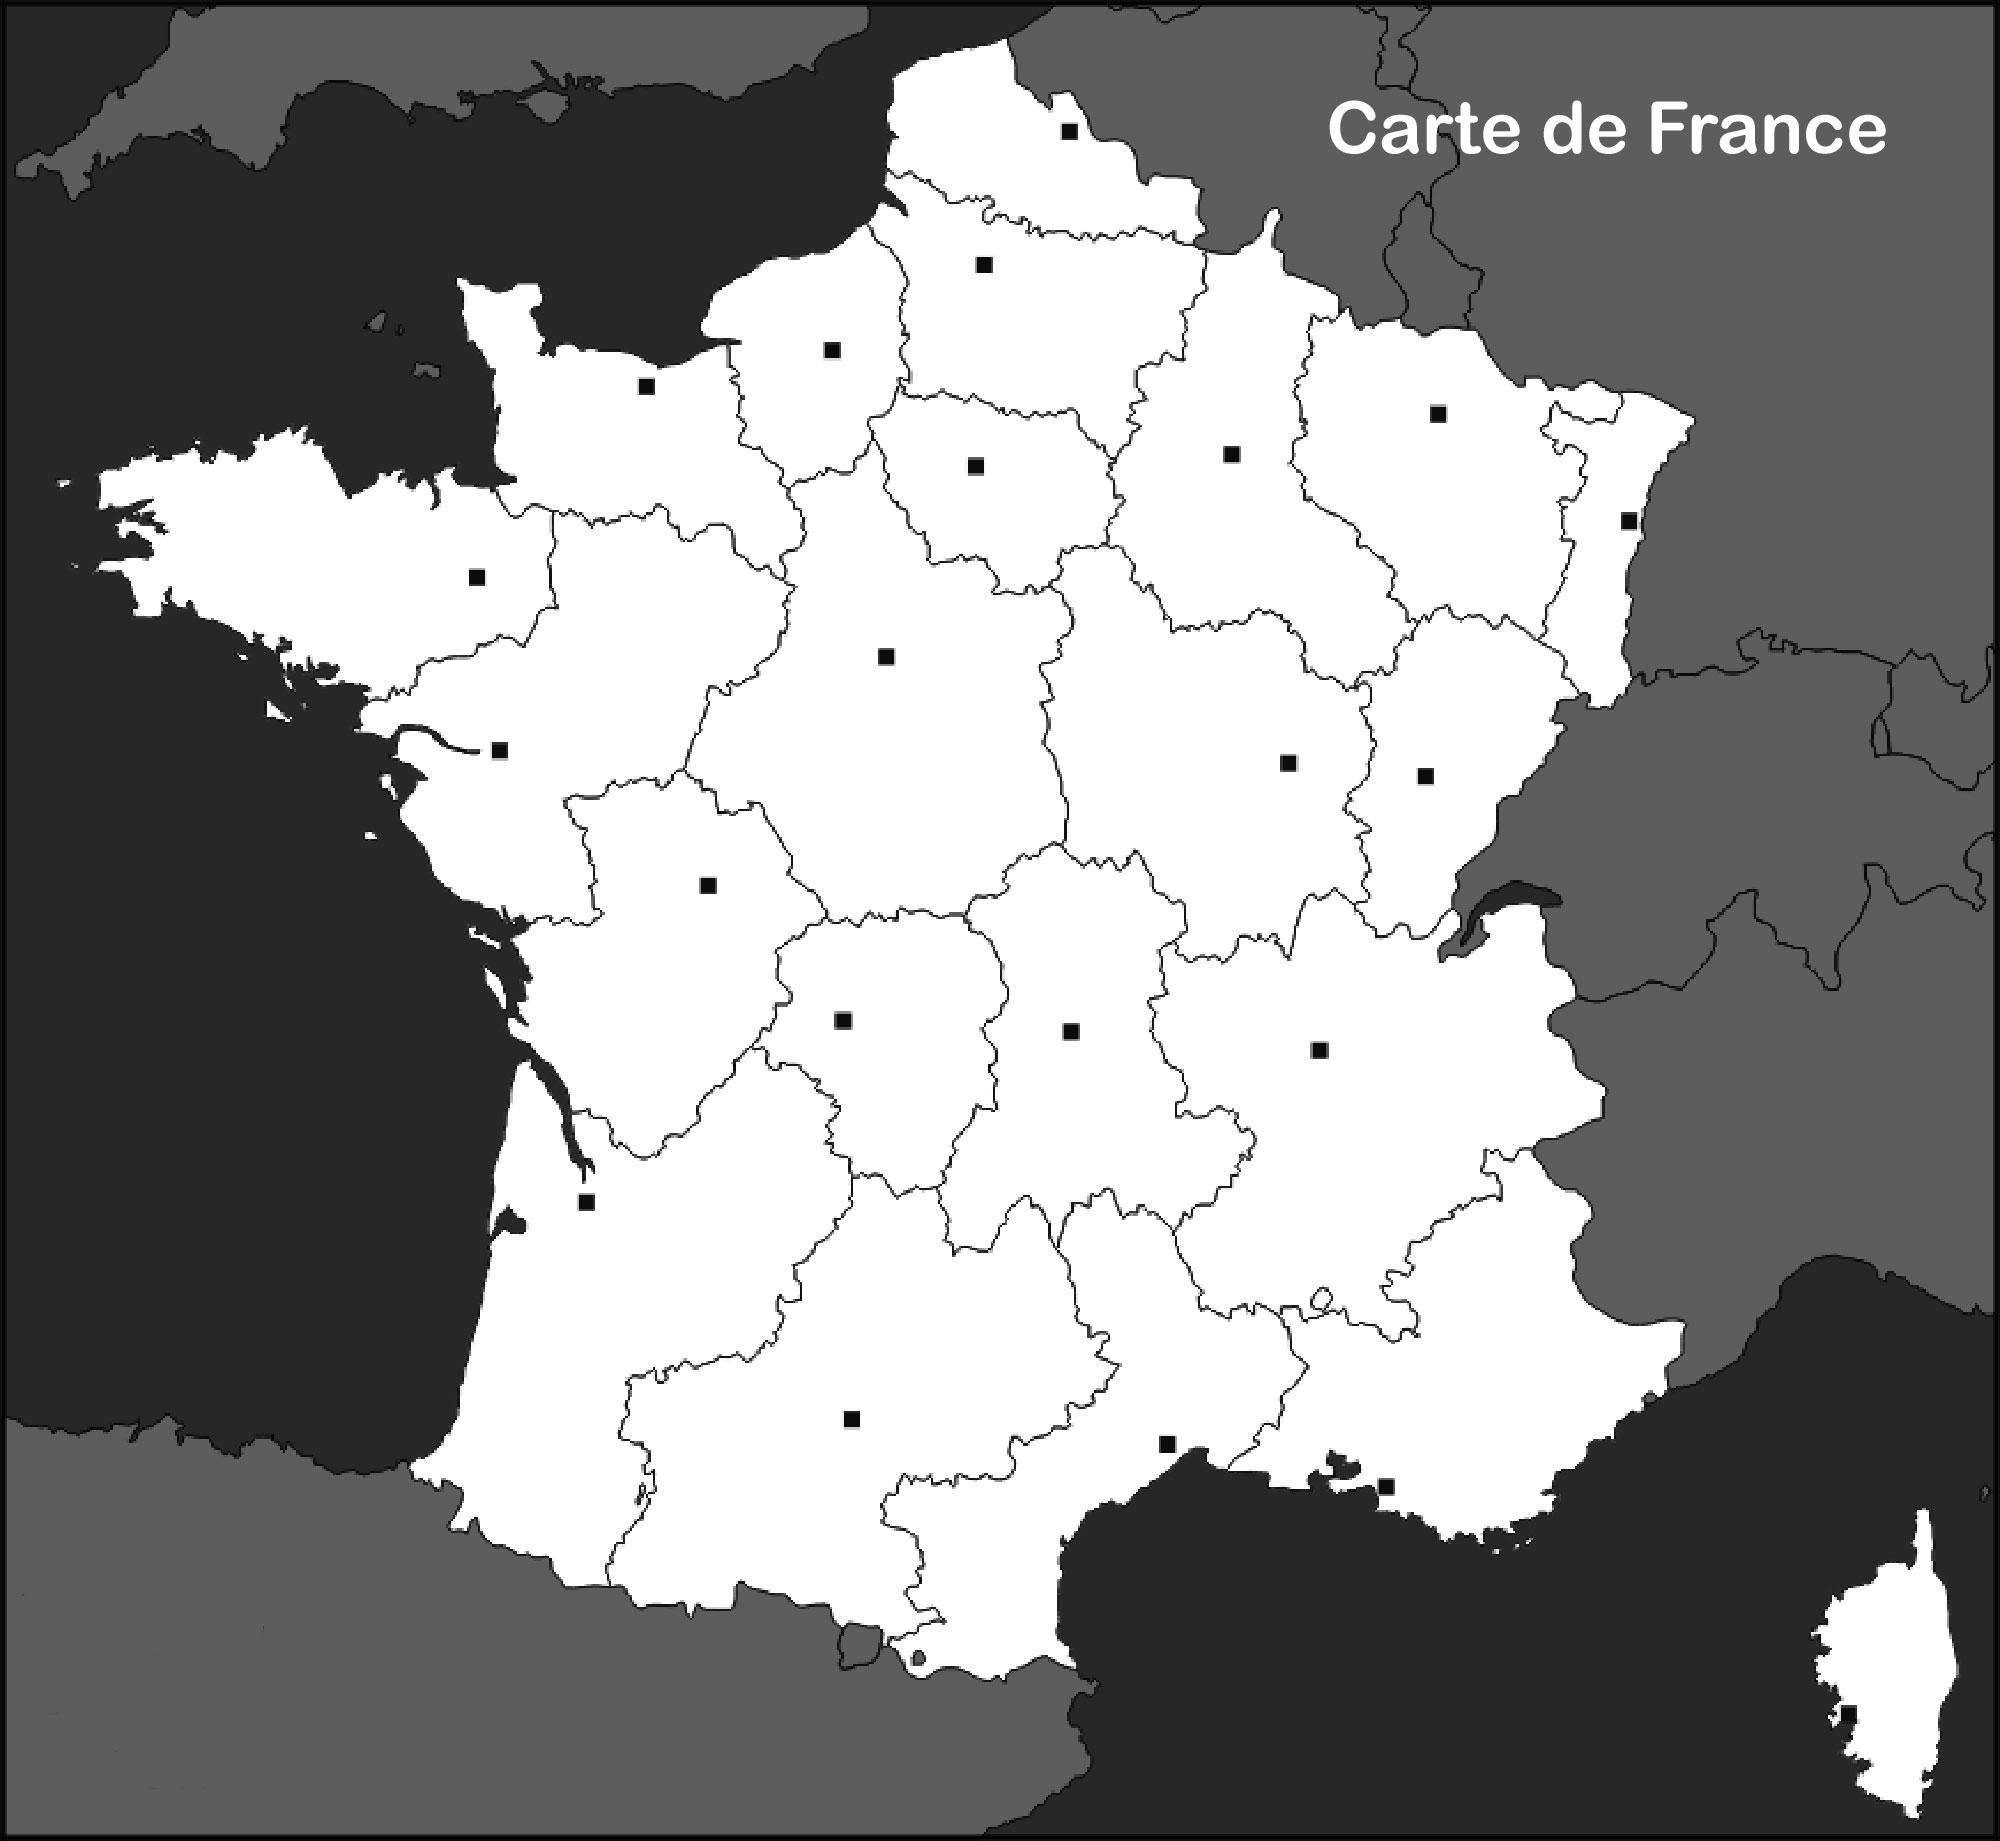 Carte De France Vierge - Voyages - Cartes tout Carte Région France Vierge